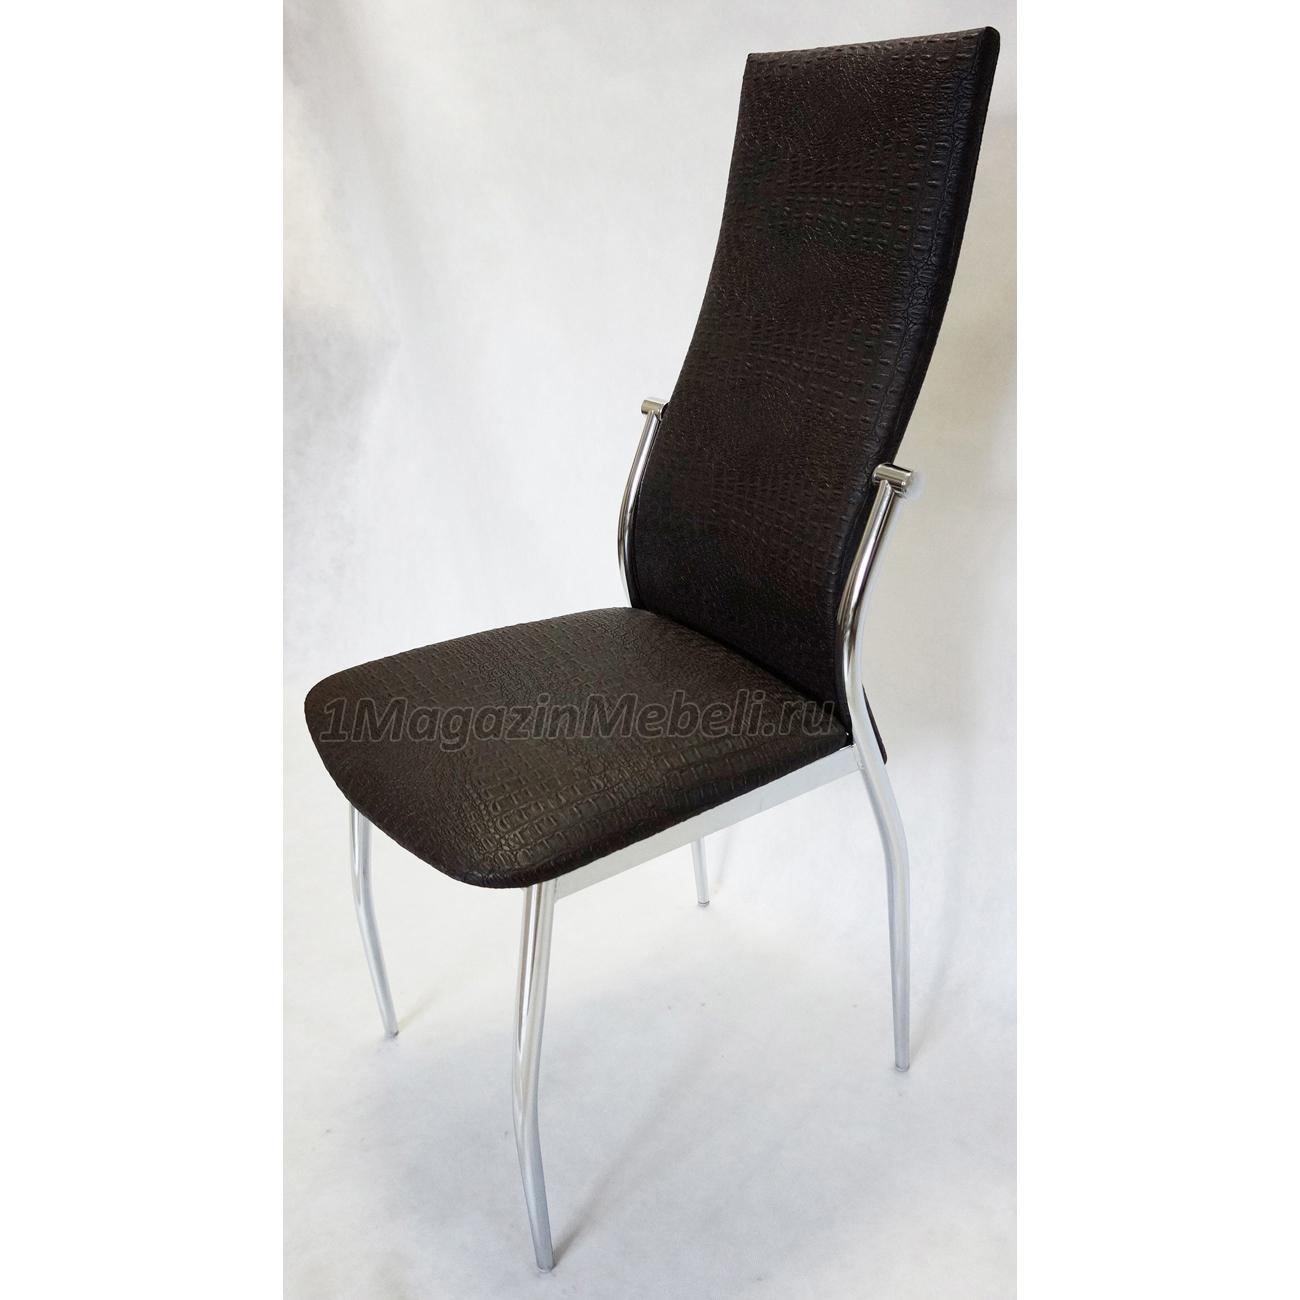 Комфортный стул для кухни, темно-коричневый крокодил (арт. М3215)